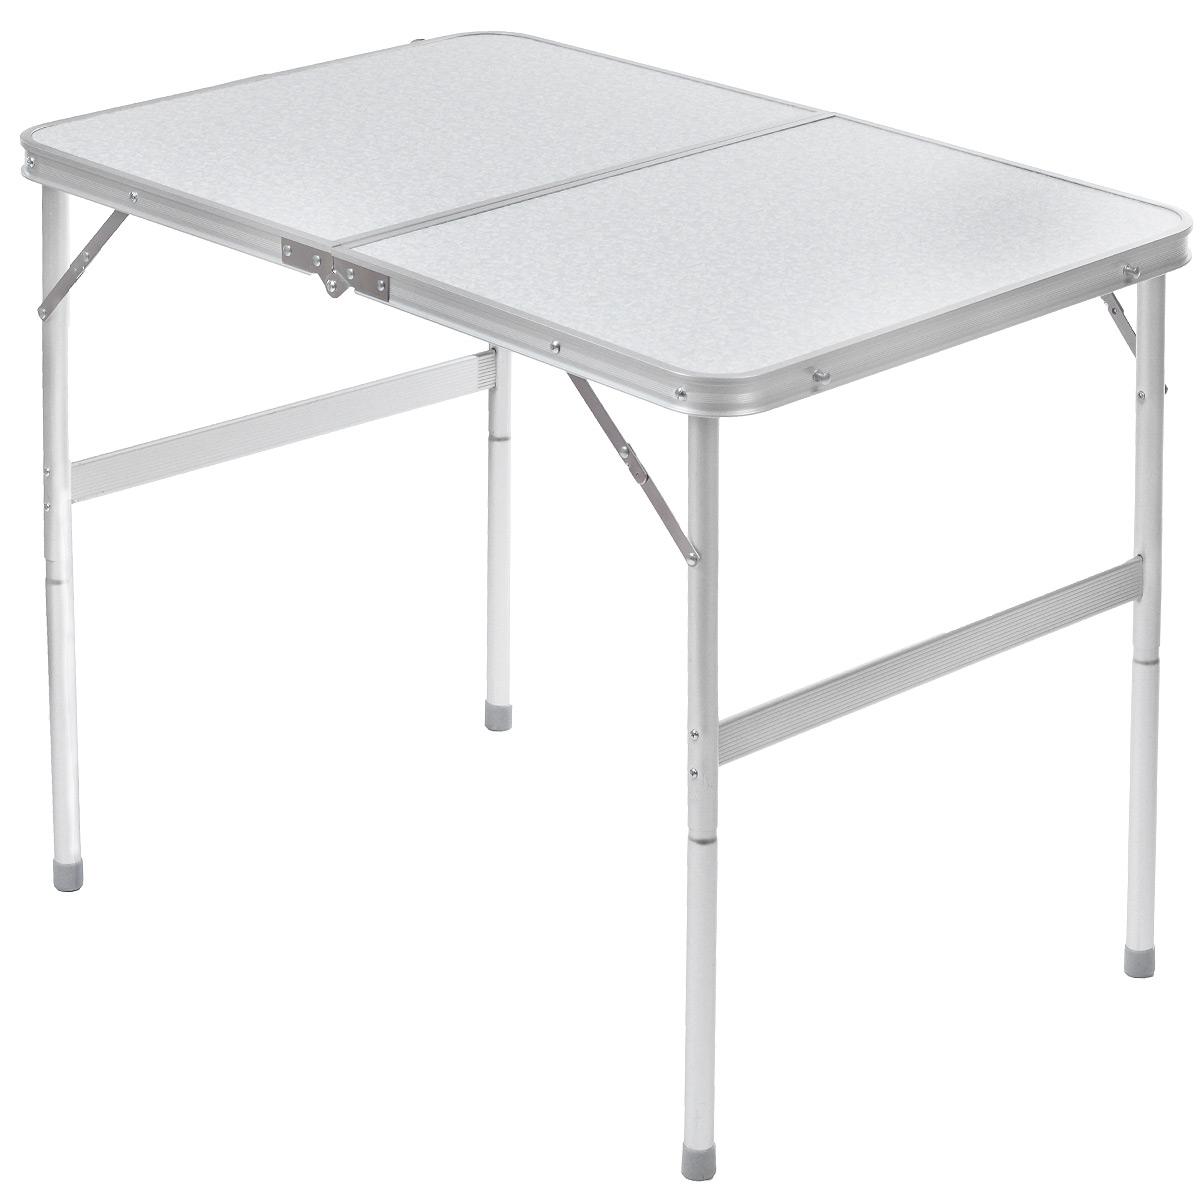 Стол складной FIT, 2 позиции по высоте, 90 х 60 х 70 см/39 см78356Складной стол FIT изготовлен из алюминия и пластика. Предназначен для расположения различных предметов, принятия пищи. Идеален для походов, поездок и пикников. Удобно и быстро складывается, занимая минимум пространства. Стол удобен и тем, что регулируется по высоте (70 см или 39 см).